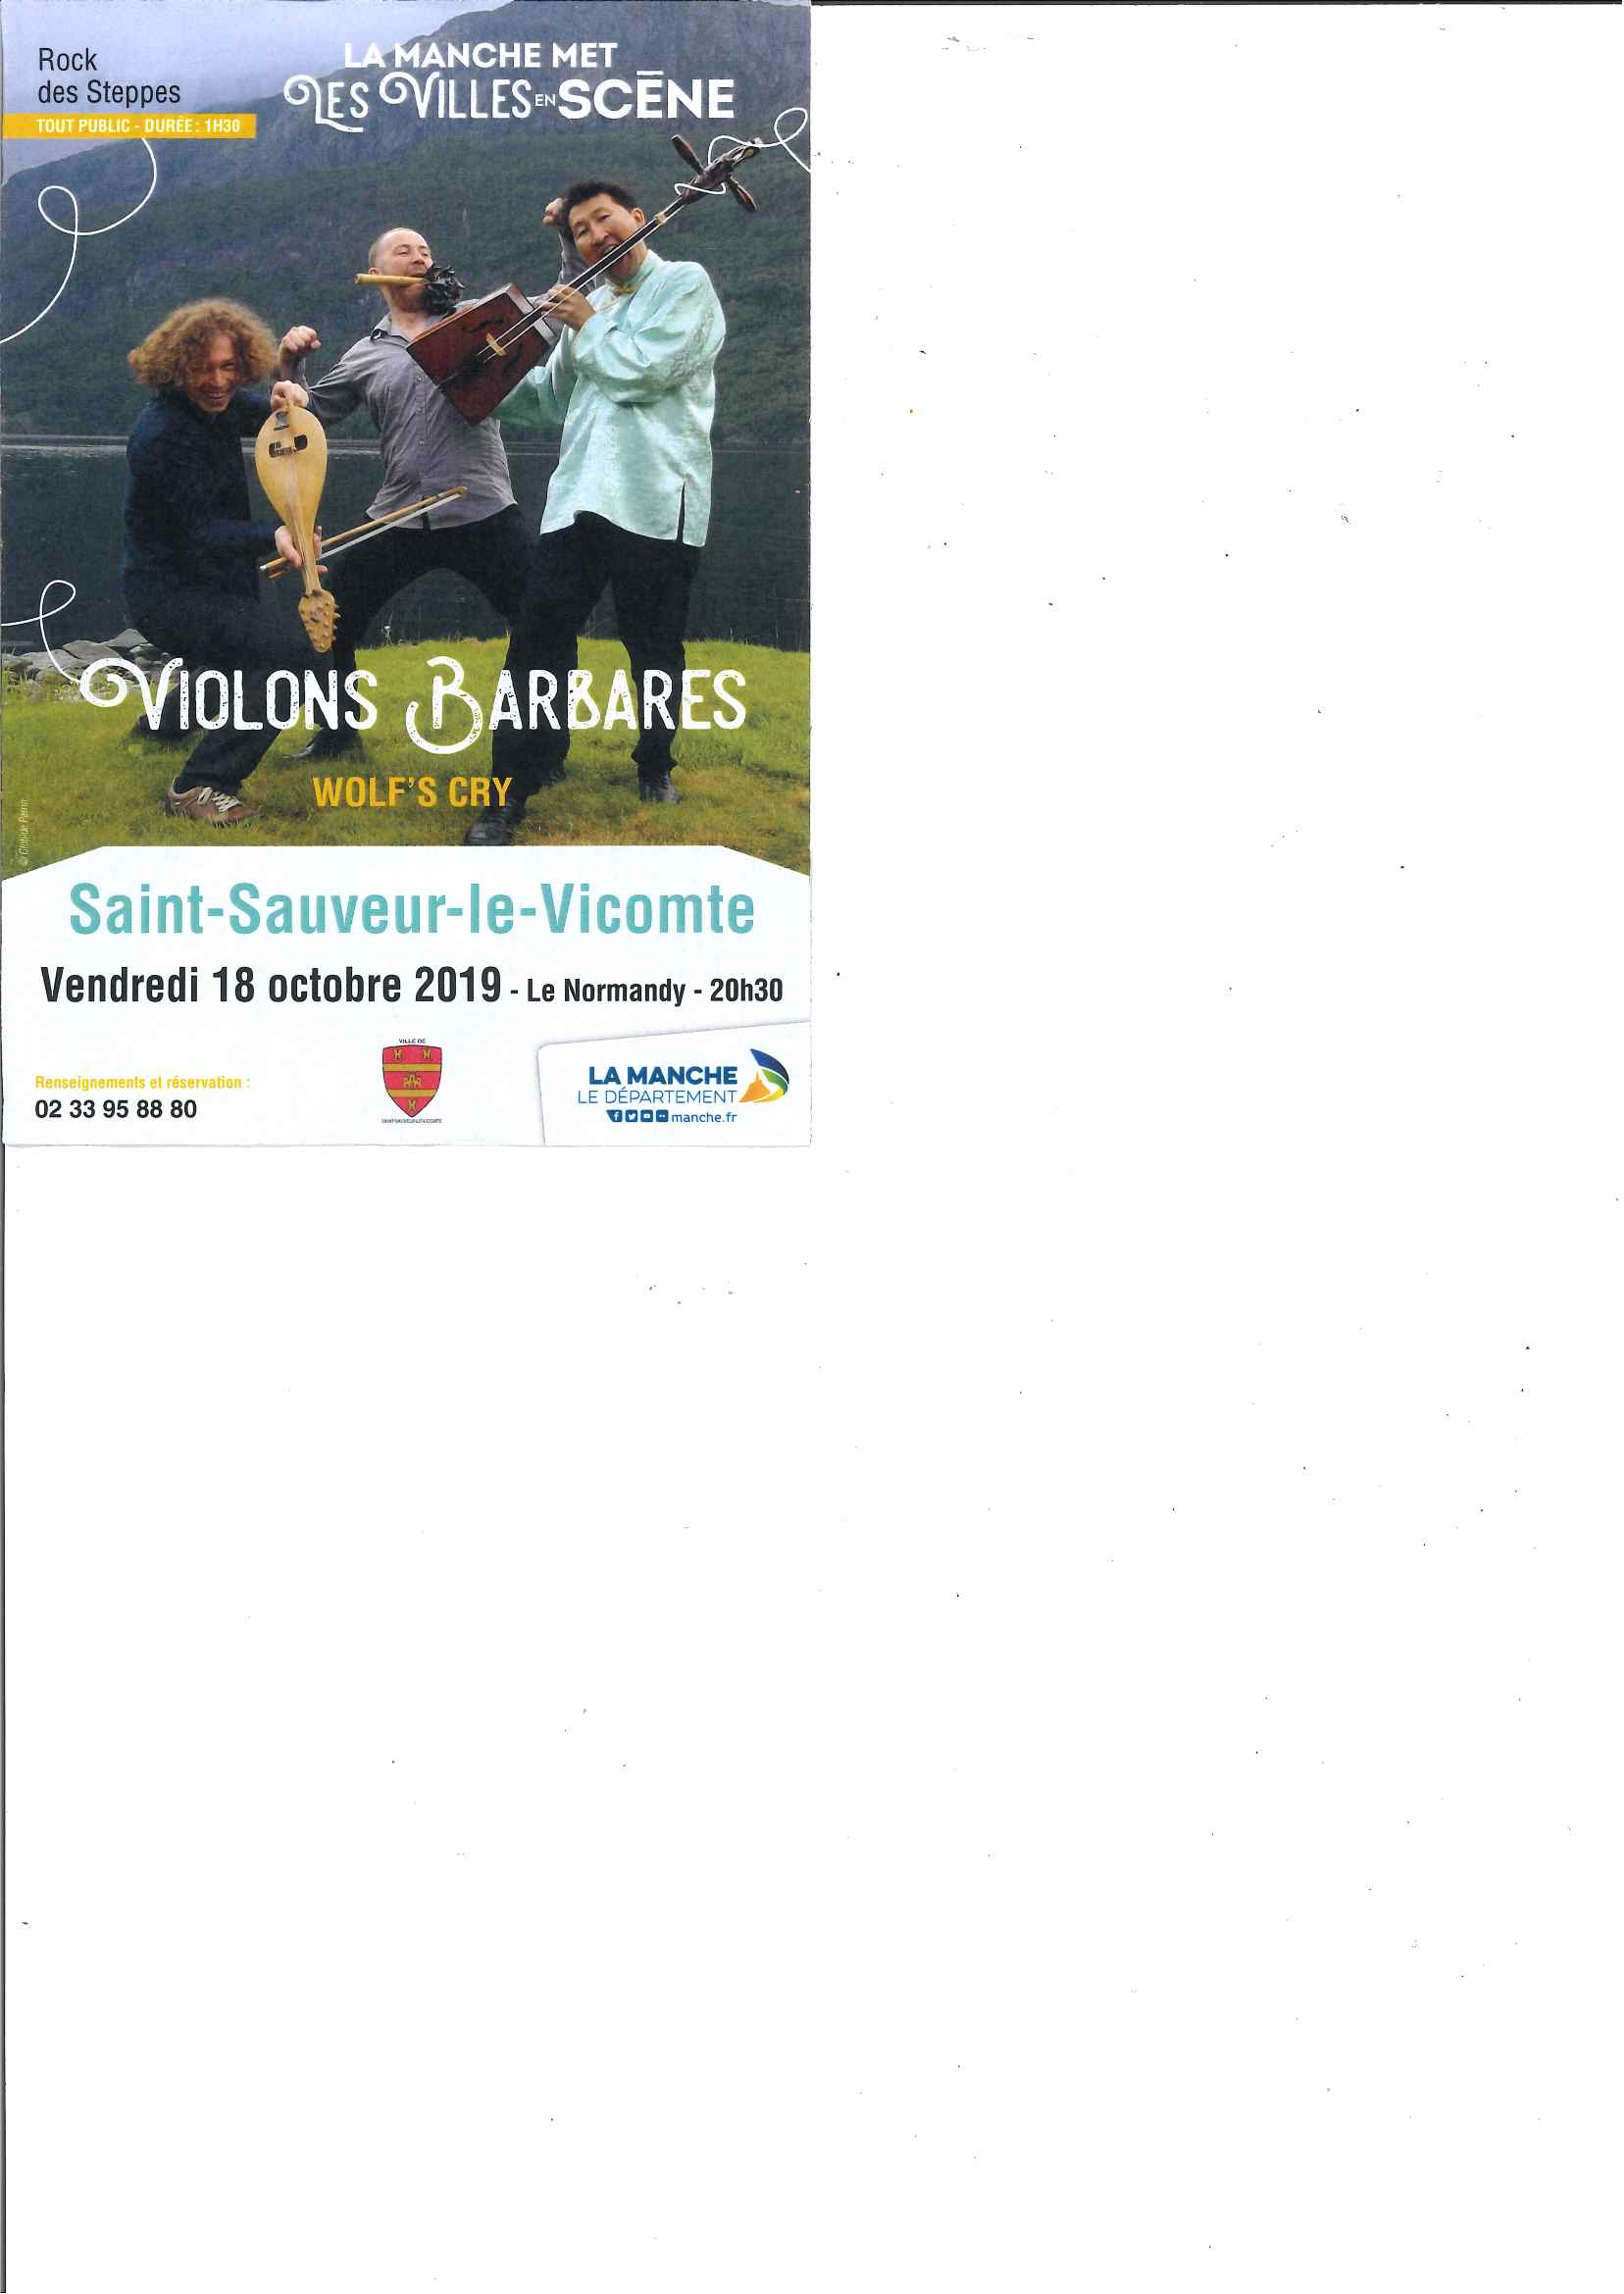 Ville en sc ne mairie de saint sauveur le vicomte - Piscine saint sauveur le vicomte ...